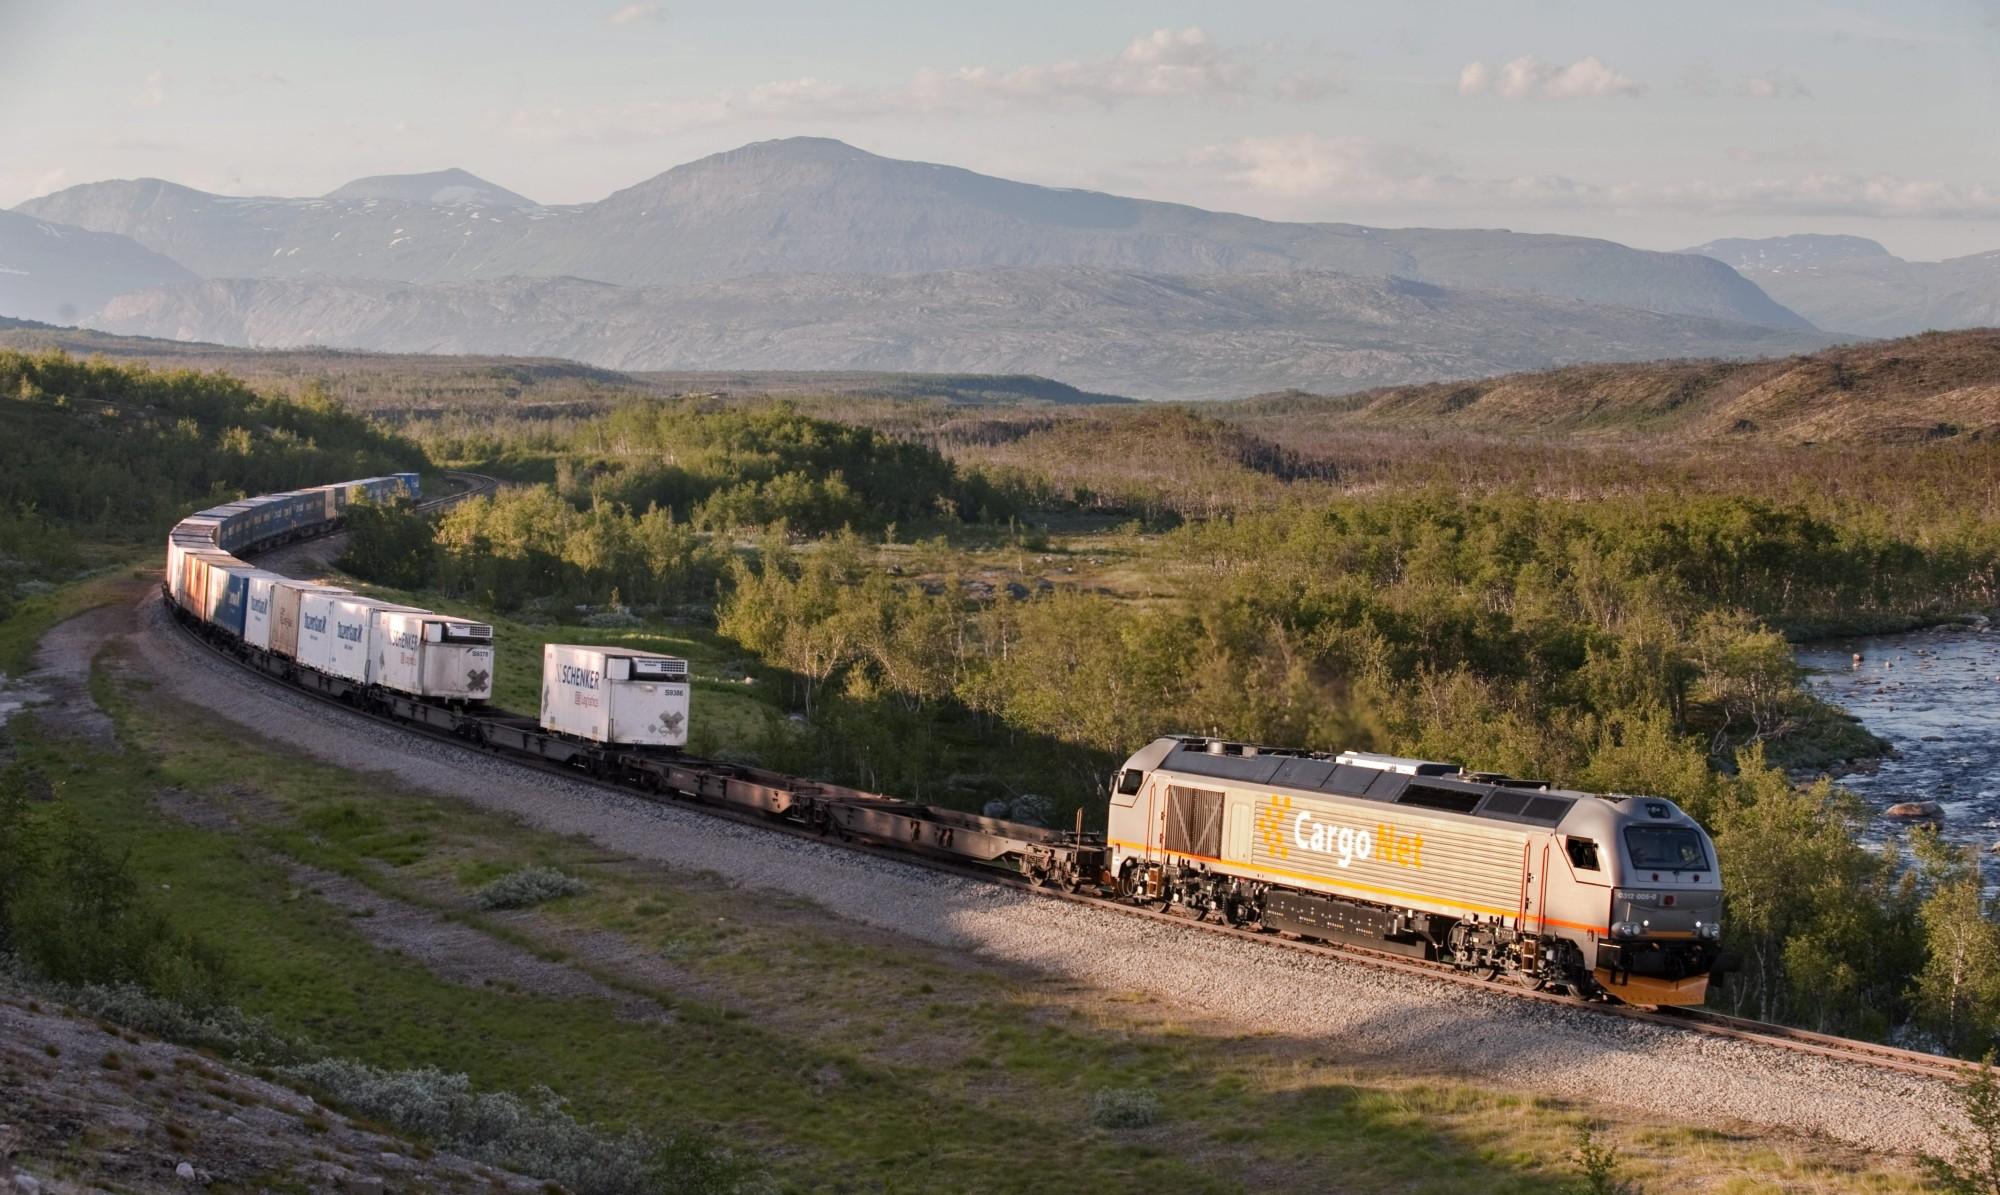 Et dieseldrevet godstog krysser Saltfjellet. I 2025 dras lasten kanskje av et elektrisk lokomotiv som får strøm fra hydrogendrevne brenselceller plassert i vogna bak. Det vil gjøre transporten utslippsfri. Illustrasjonsfoto: Helge Sunde/Samfoto